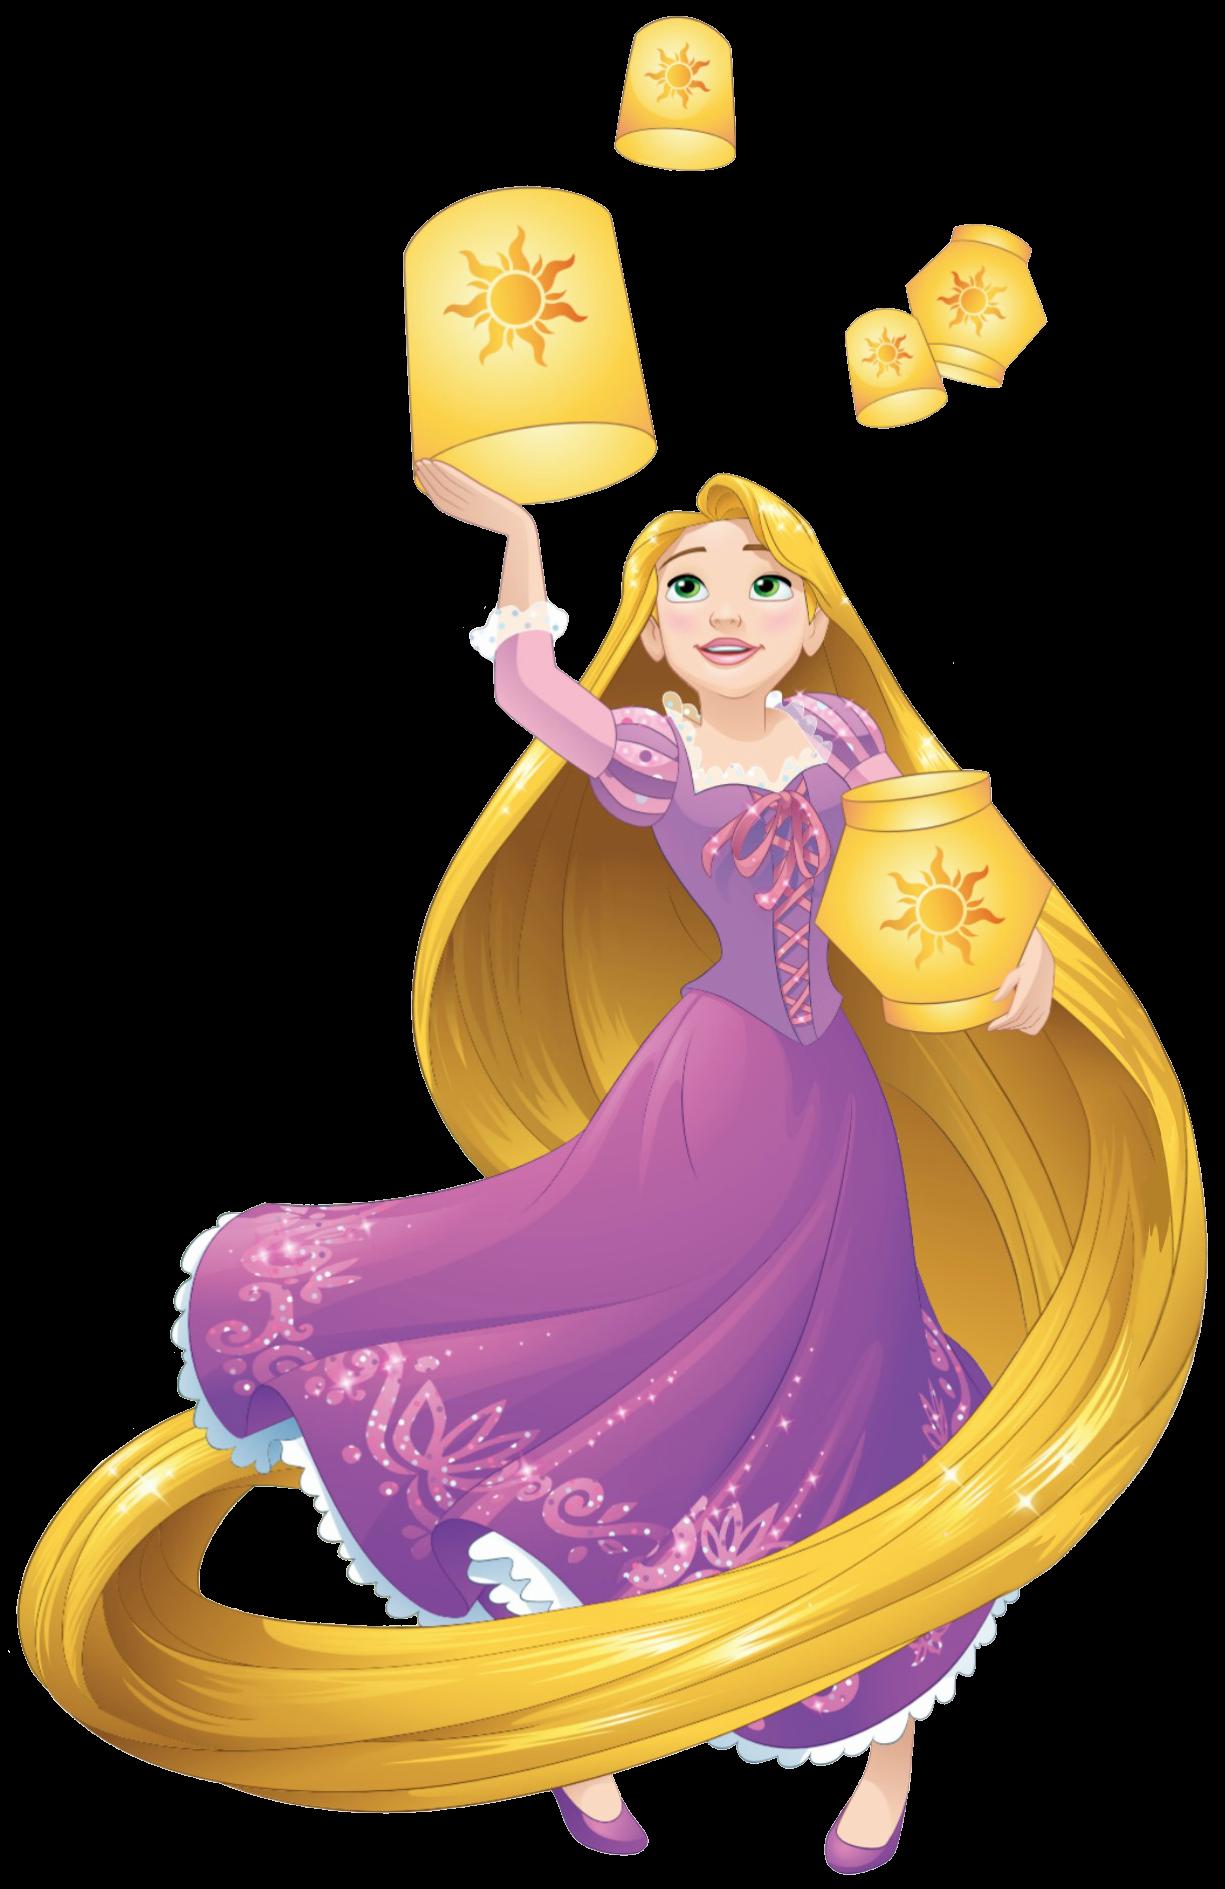 rapunzel clipart transparent background #140465085